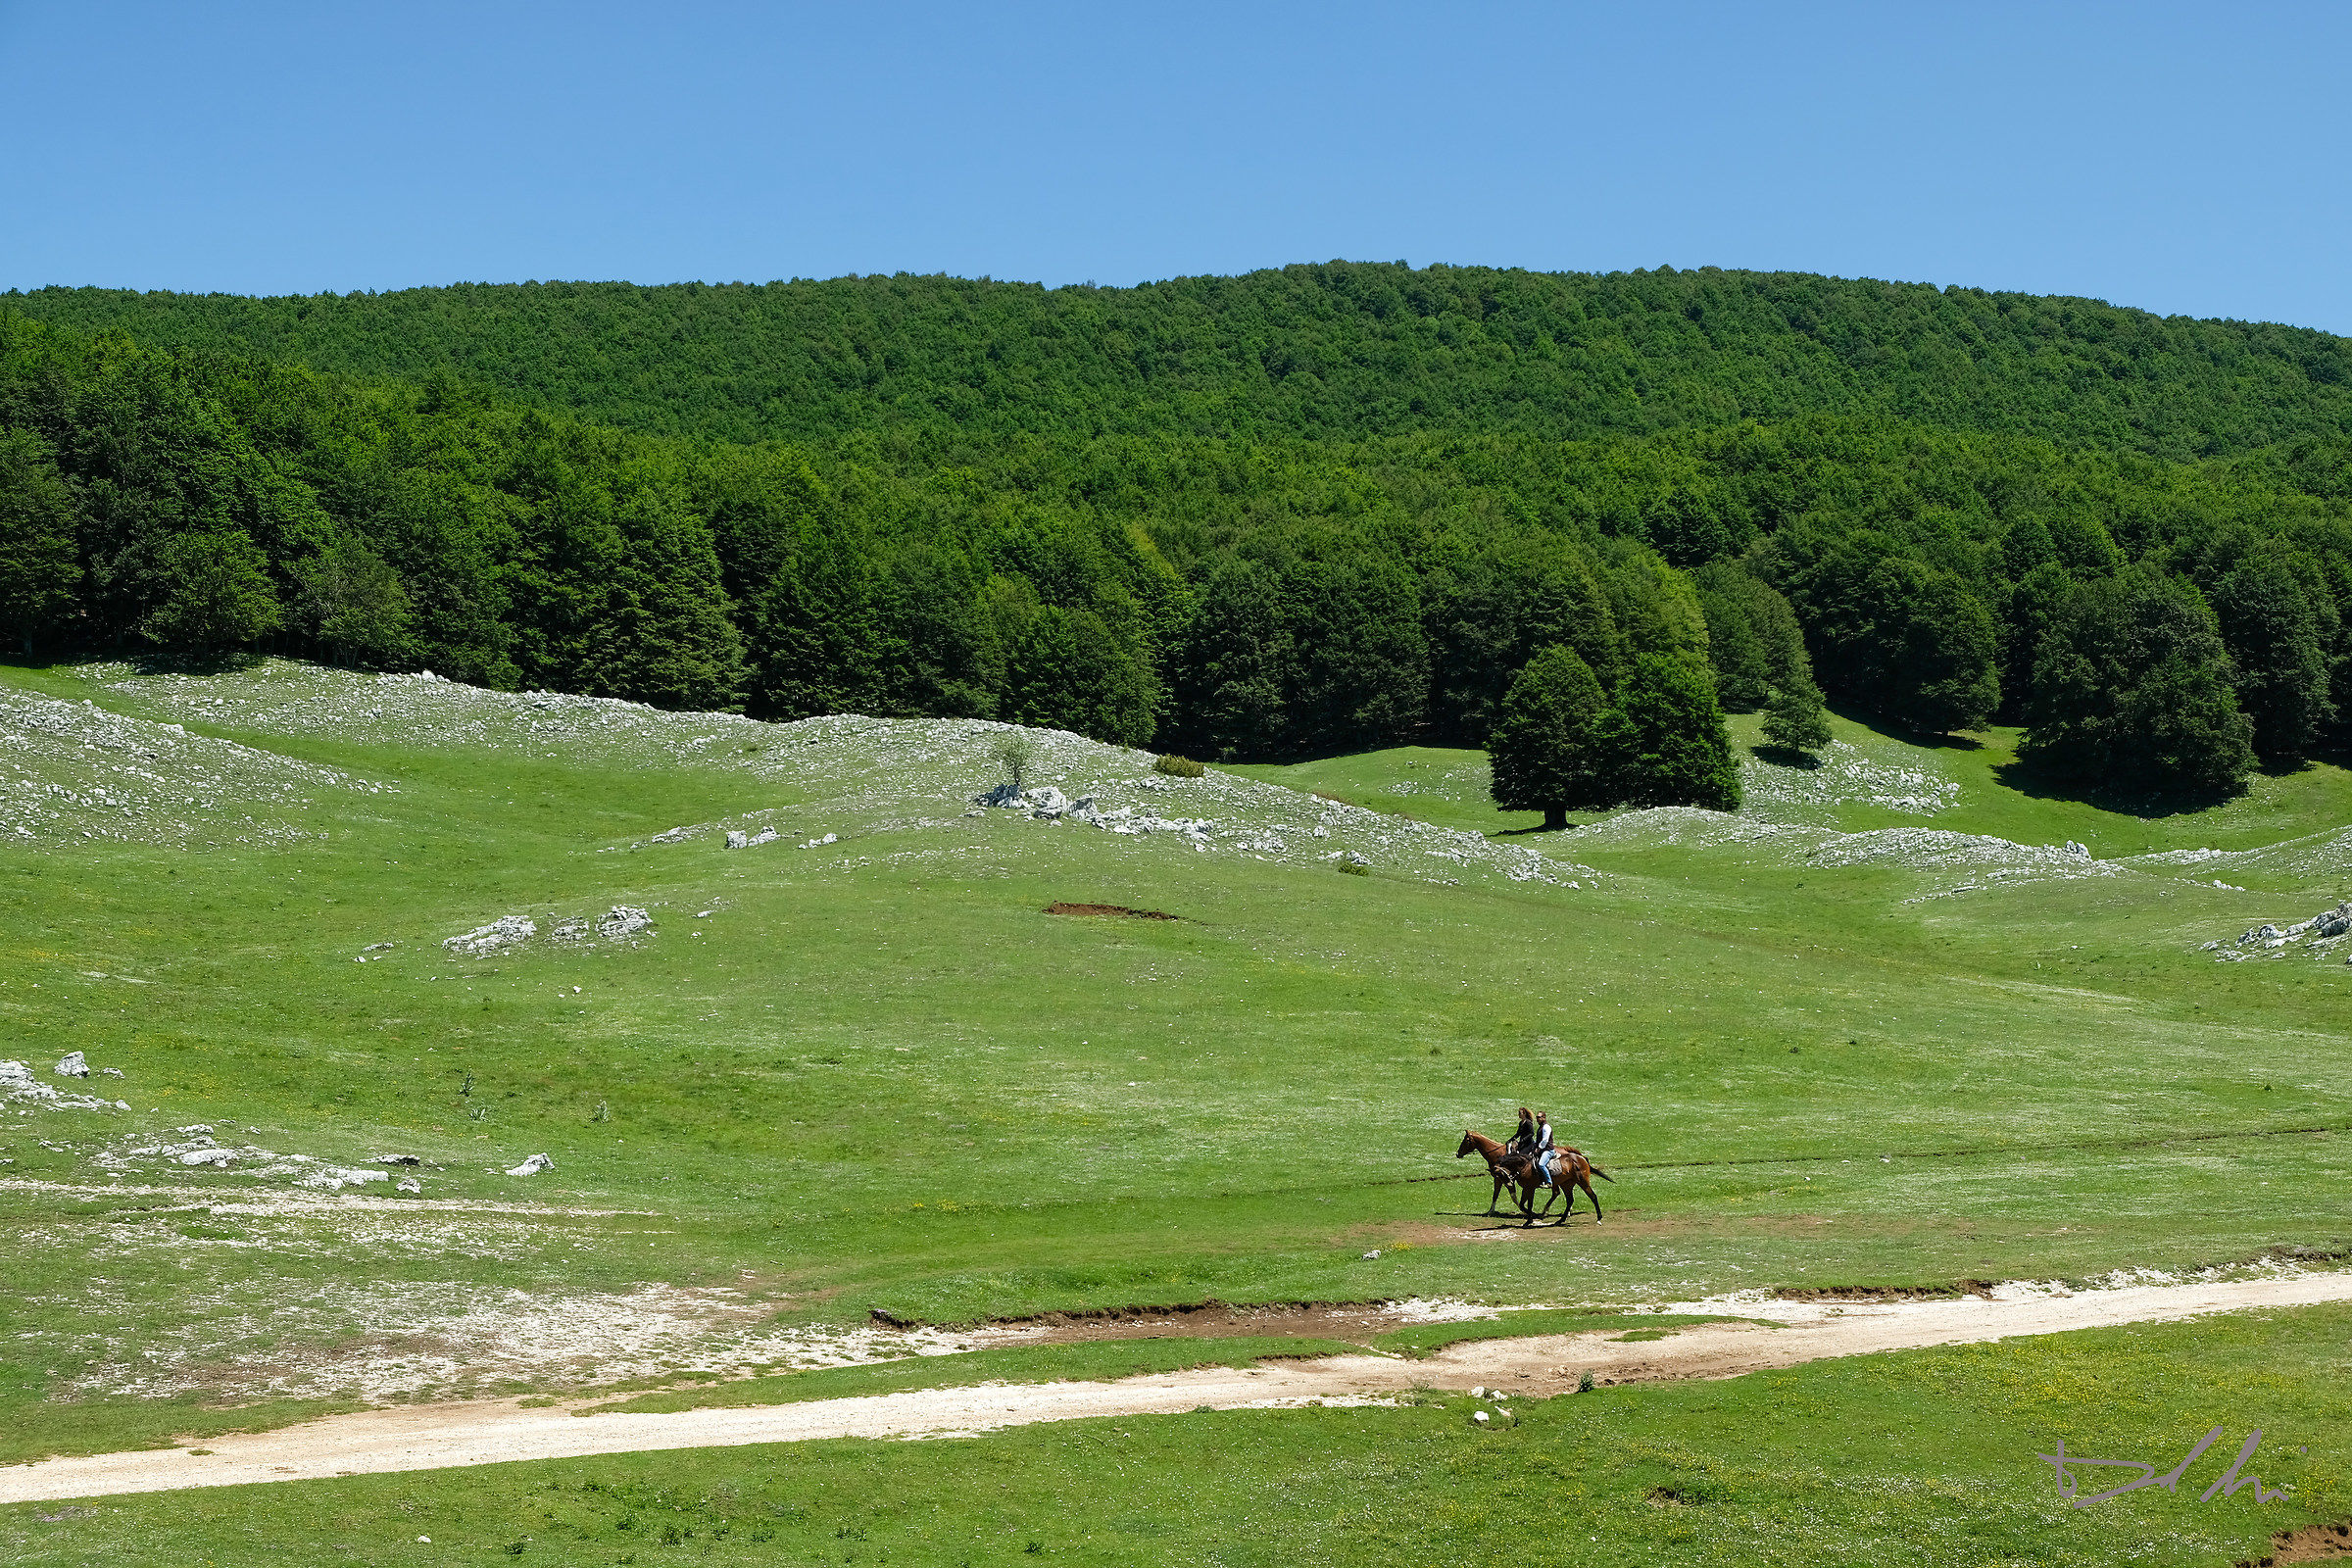 A cavallo nel verde...